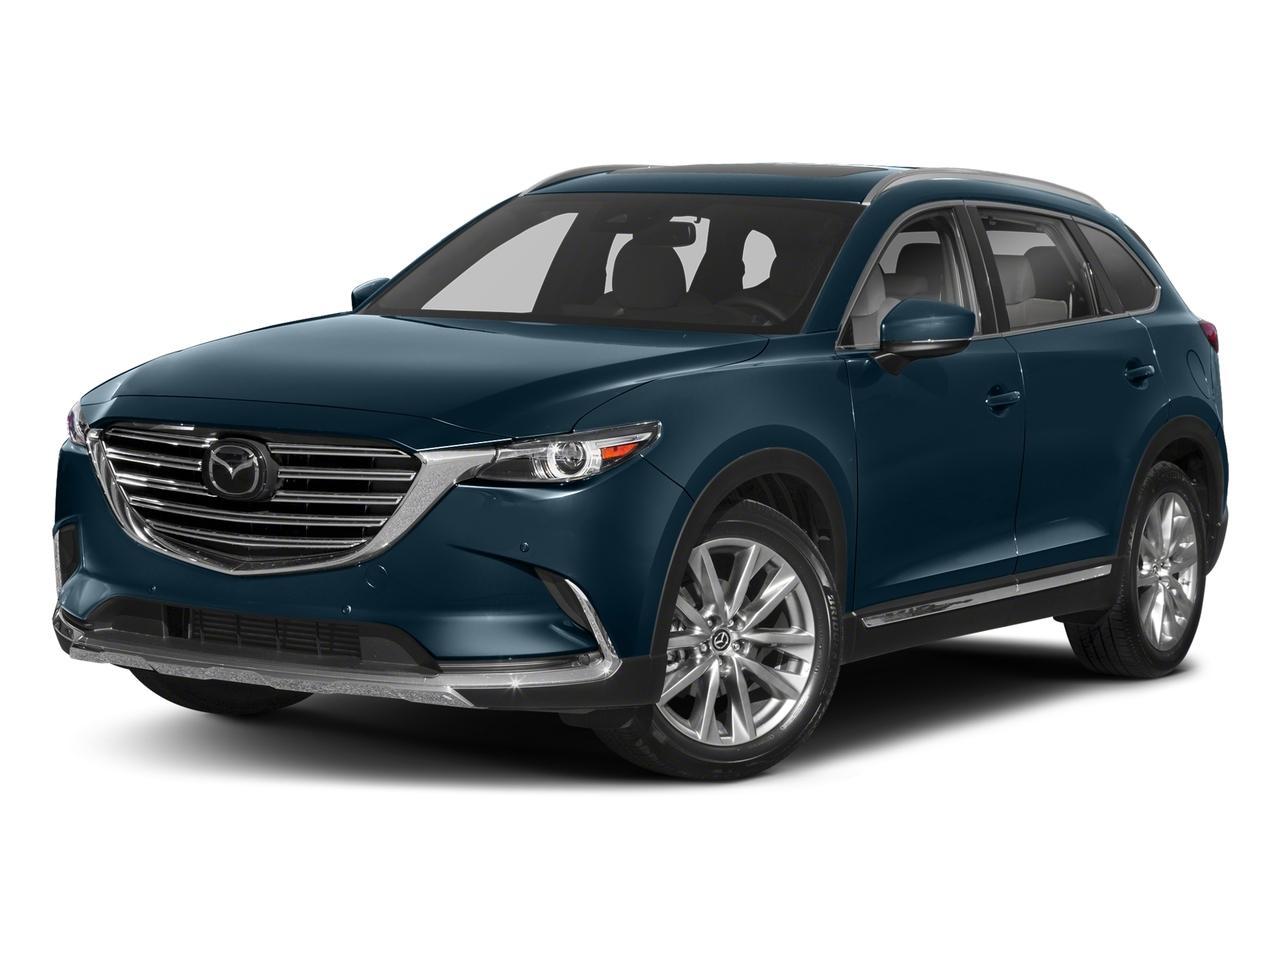 2018 Mazda CX-9 Vehicle Photo in Oshkosh, WI 54904